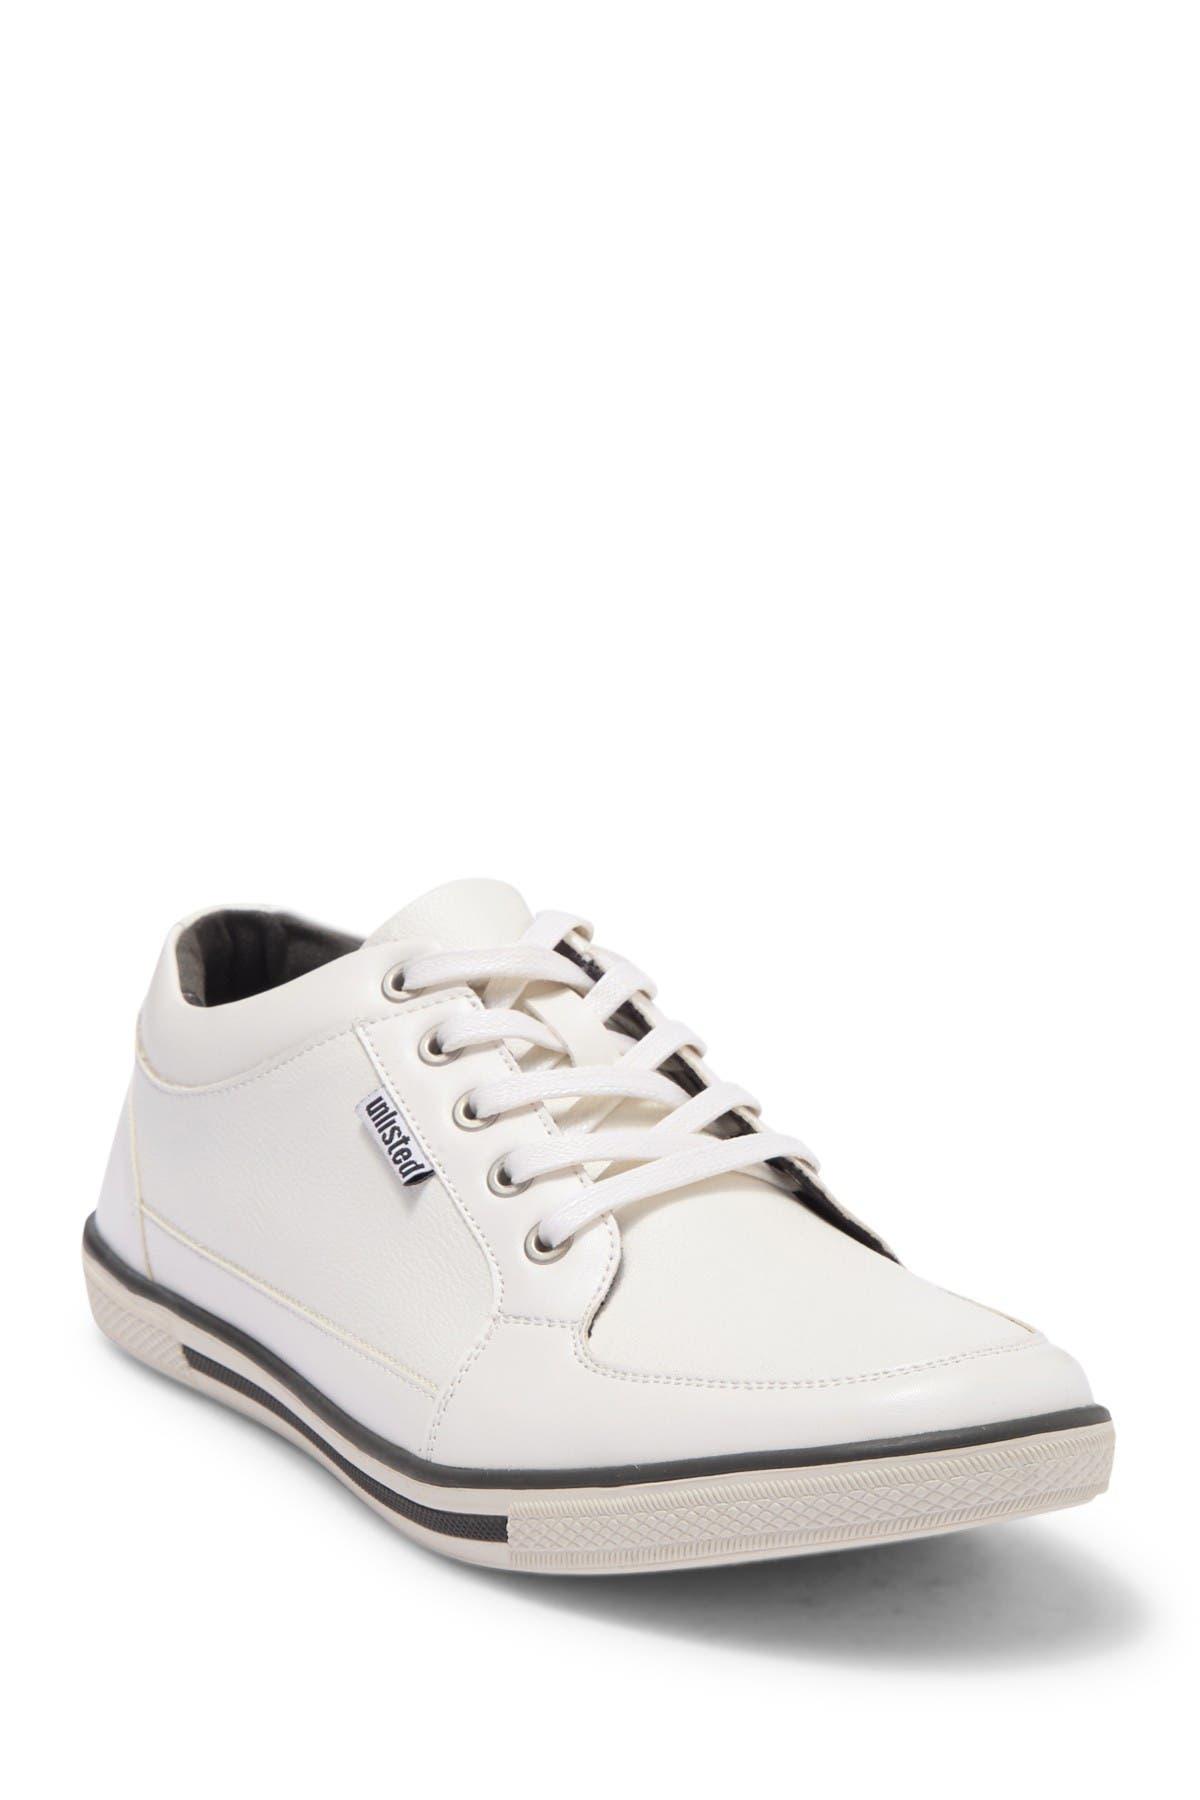 Crown Prince Sneaker